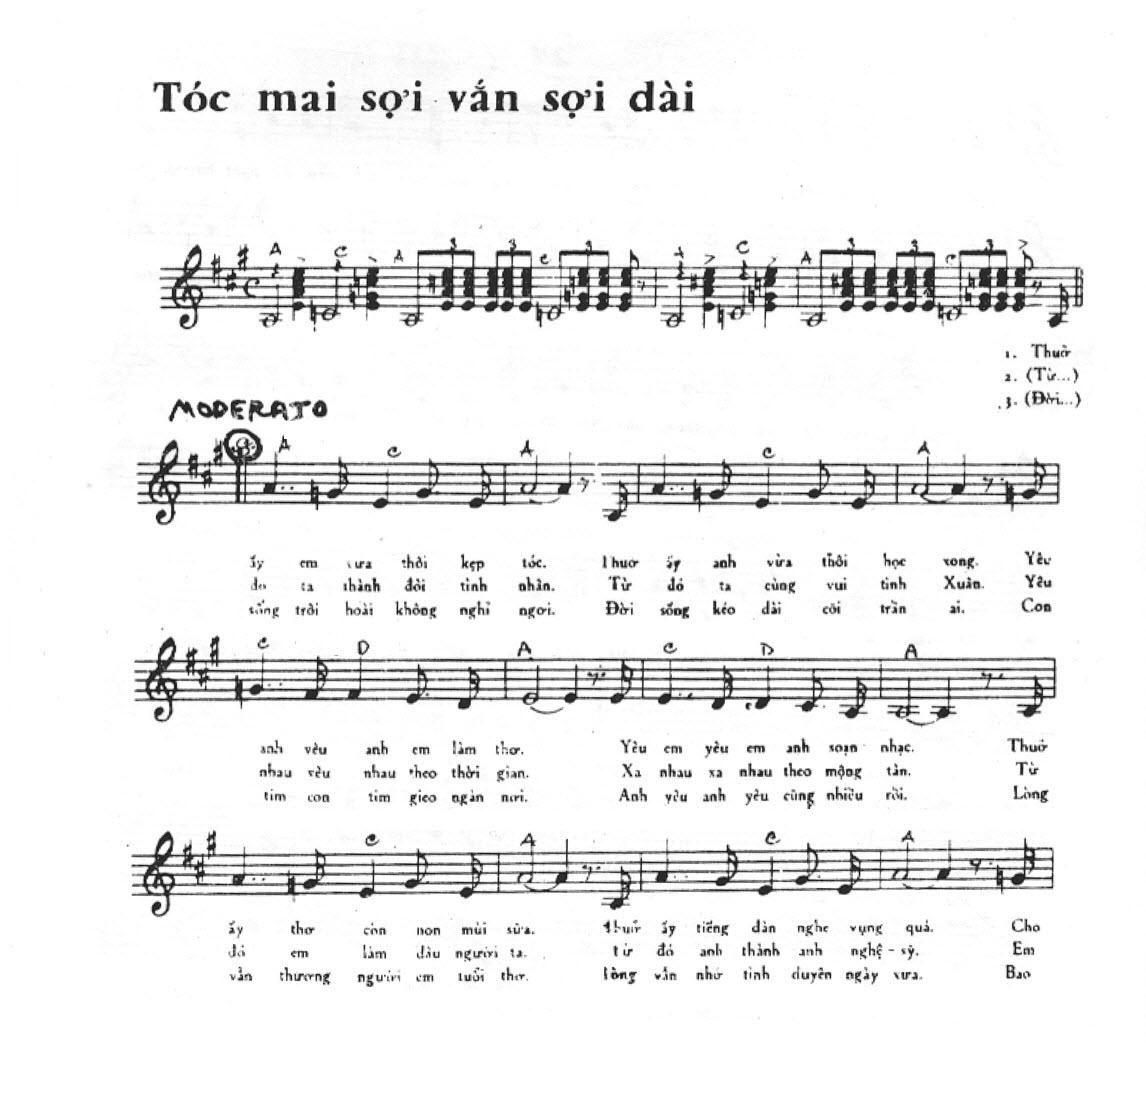 Toc Mai Soi Van Soi Dai-1.jpg